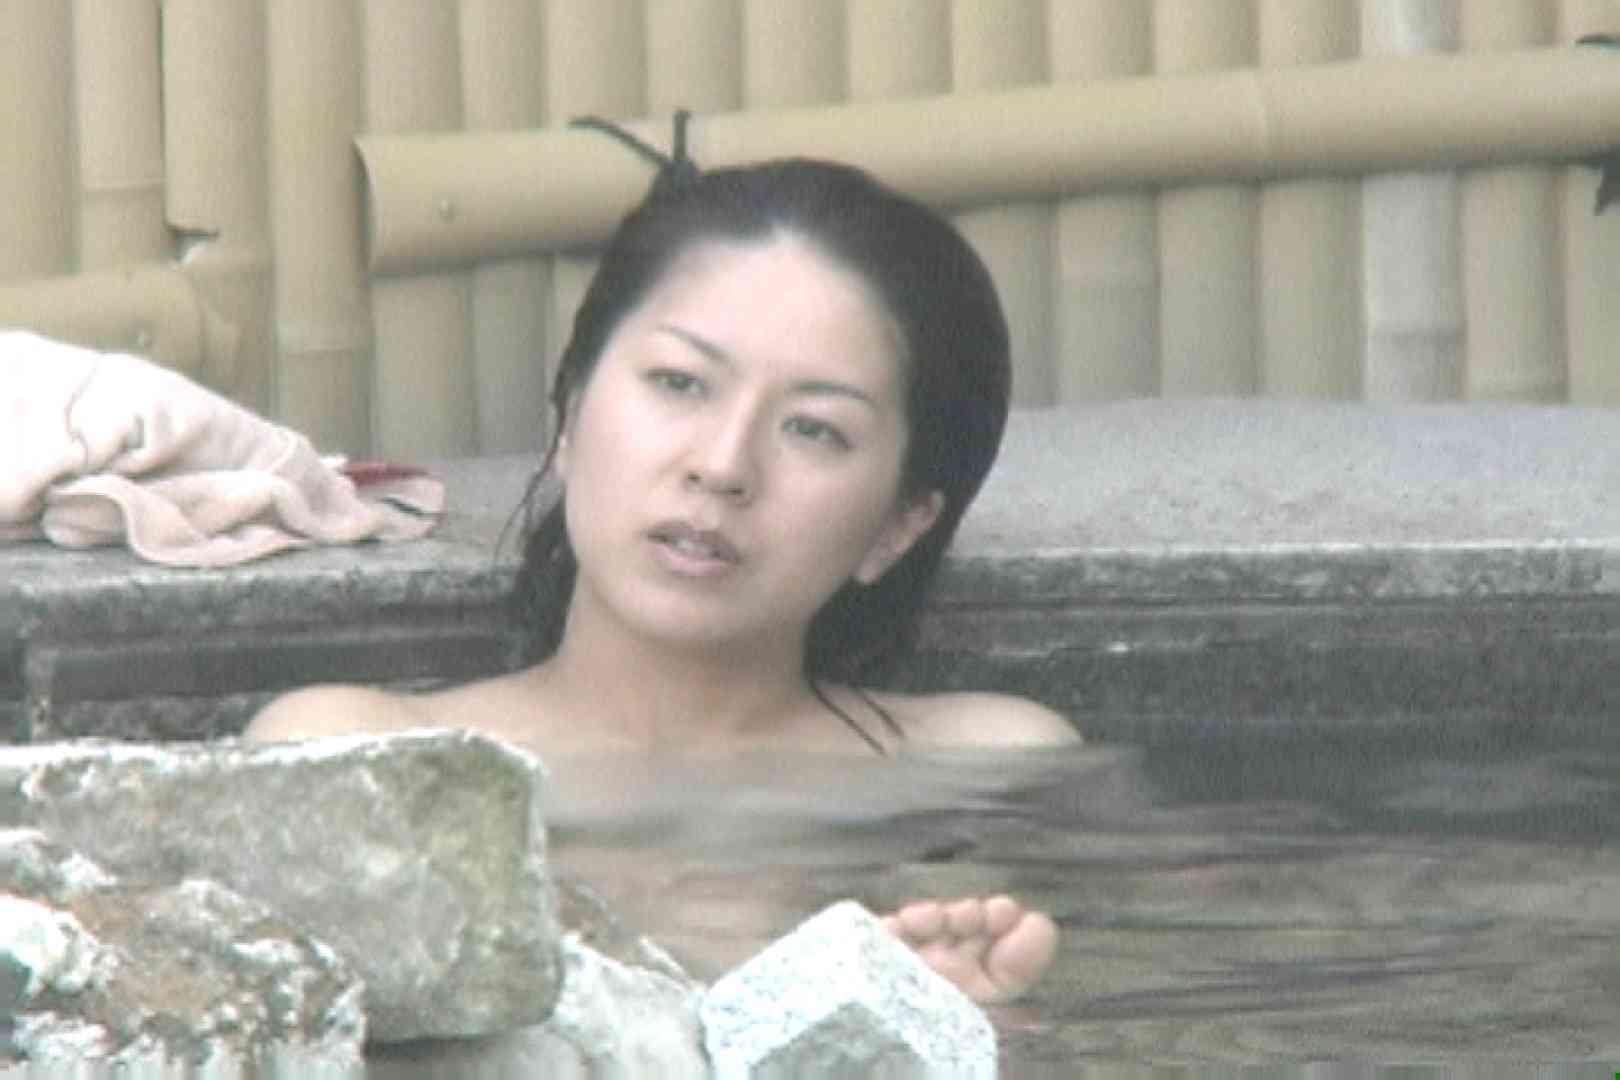 Aquaな露天風呂Vol.694 盗撮  110PICs 105